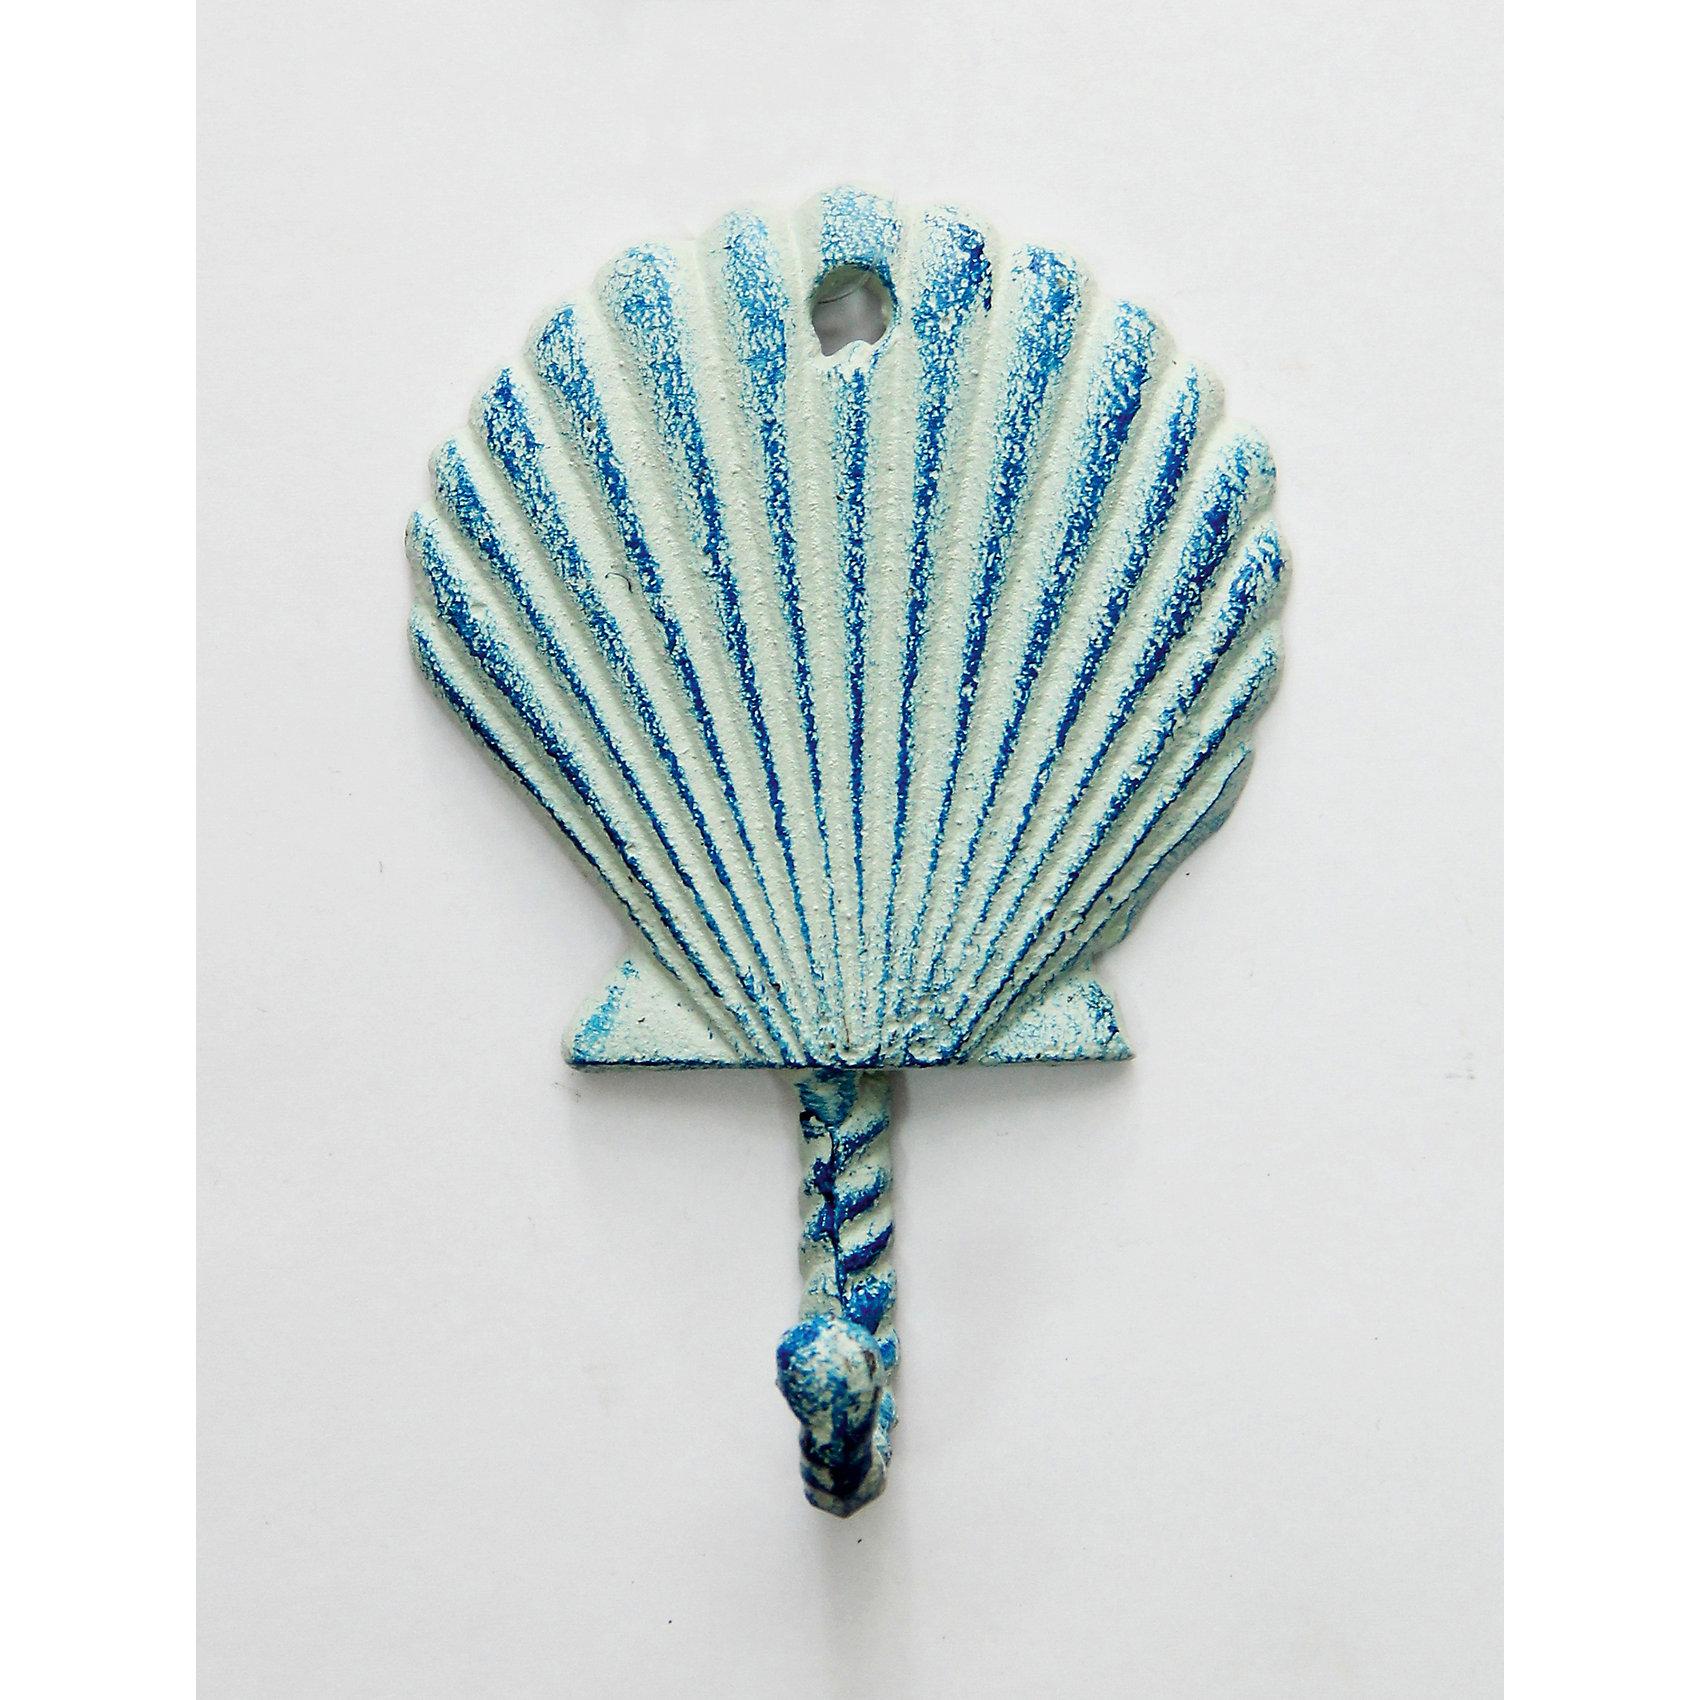 Настенная вешалка-крючок Ракушка, Феникс-ПрезентПредметы интерьера<br>Настенная вешалка-крючок Ракушка, Феникс-Презент<br><br>Характеристики:<br><br>• оригинальный крючок в форме морской ракушки<br>• два отверстия для креплений<br>• материал: чугун<br>• размер: 13,5х9х3,7 см<br><br>Оригинальный крючок Ракушка отлично подойдет для ванной комнаты, прихожей и любого другого помещения. Крючок выполнен из чугунной литья и имеет форму ракушки. Оригинальный крючок - полезный и красивый аксессуар для вашего дома.<br><br>Настенную вешалку-крючок Ракушка, Феникс-Презент можно купить в нашем интернет-магазине.<br><br>Ширина мм: 135<br>Глубина мм: 90<br>Высота мм: 37<br>Вес г: 333<br>Возраст от месяцев: 120<br>Возраст до месяцев: 2147483647<br>Пол: Унисекс<br>Возраст: Детский<br>SKU: 5449656